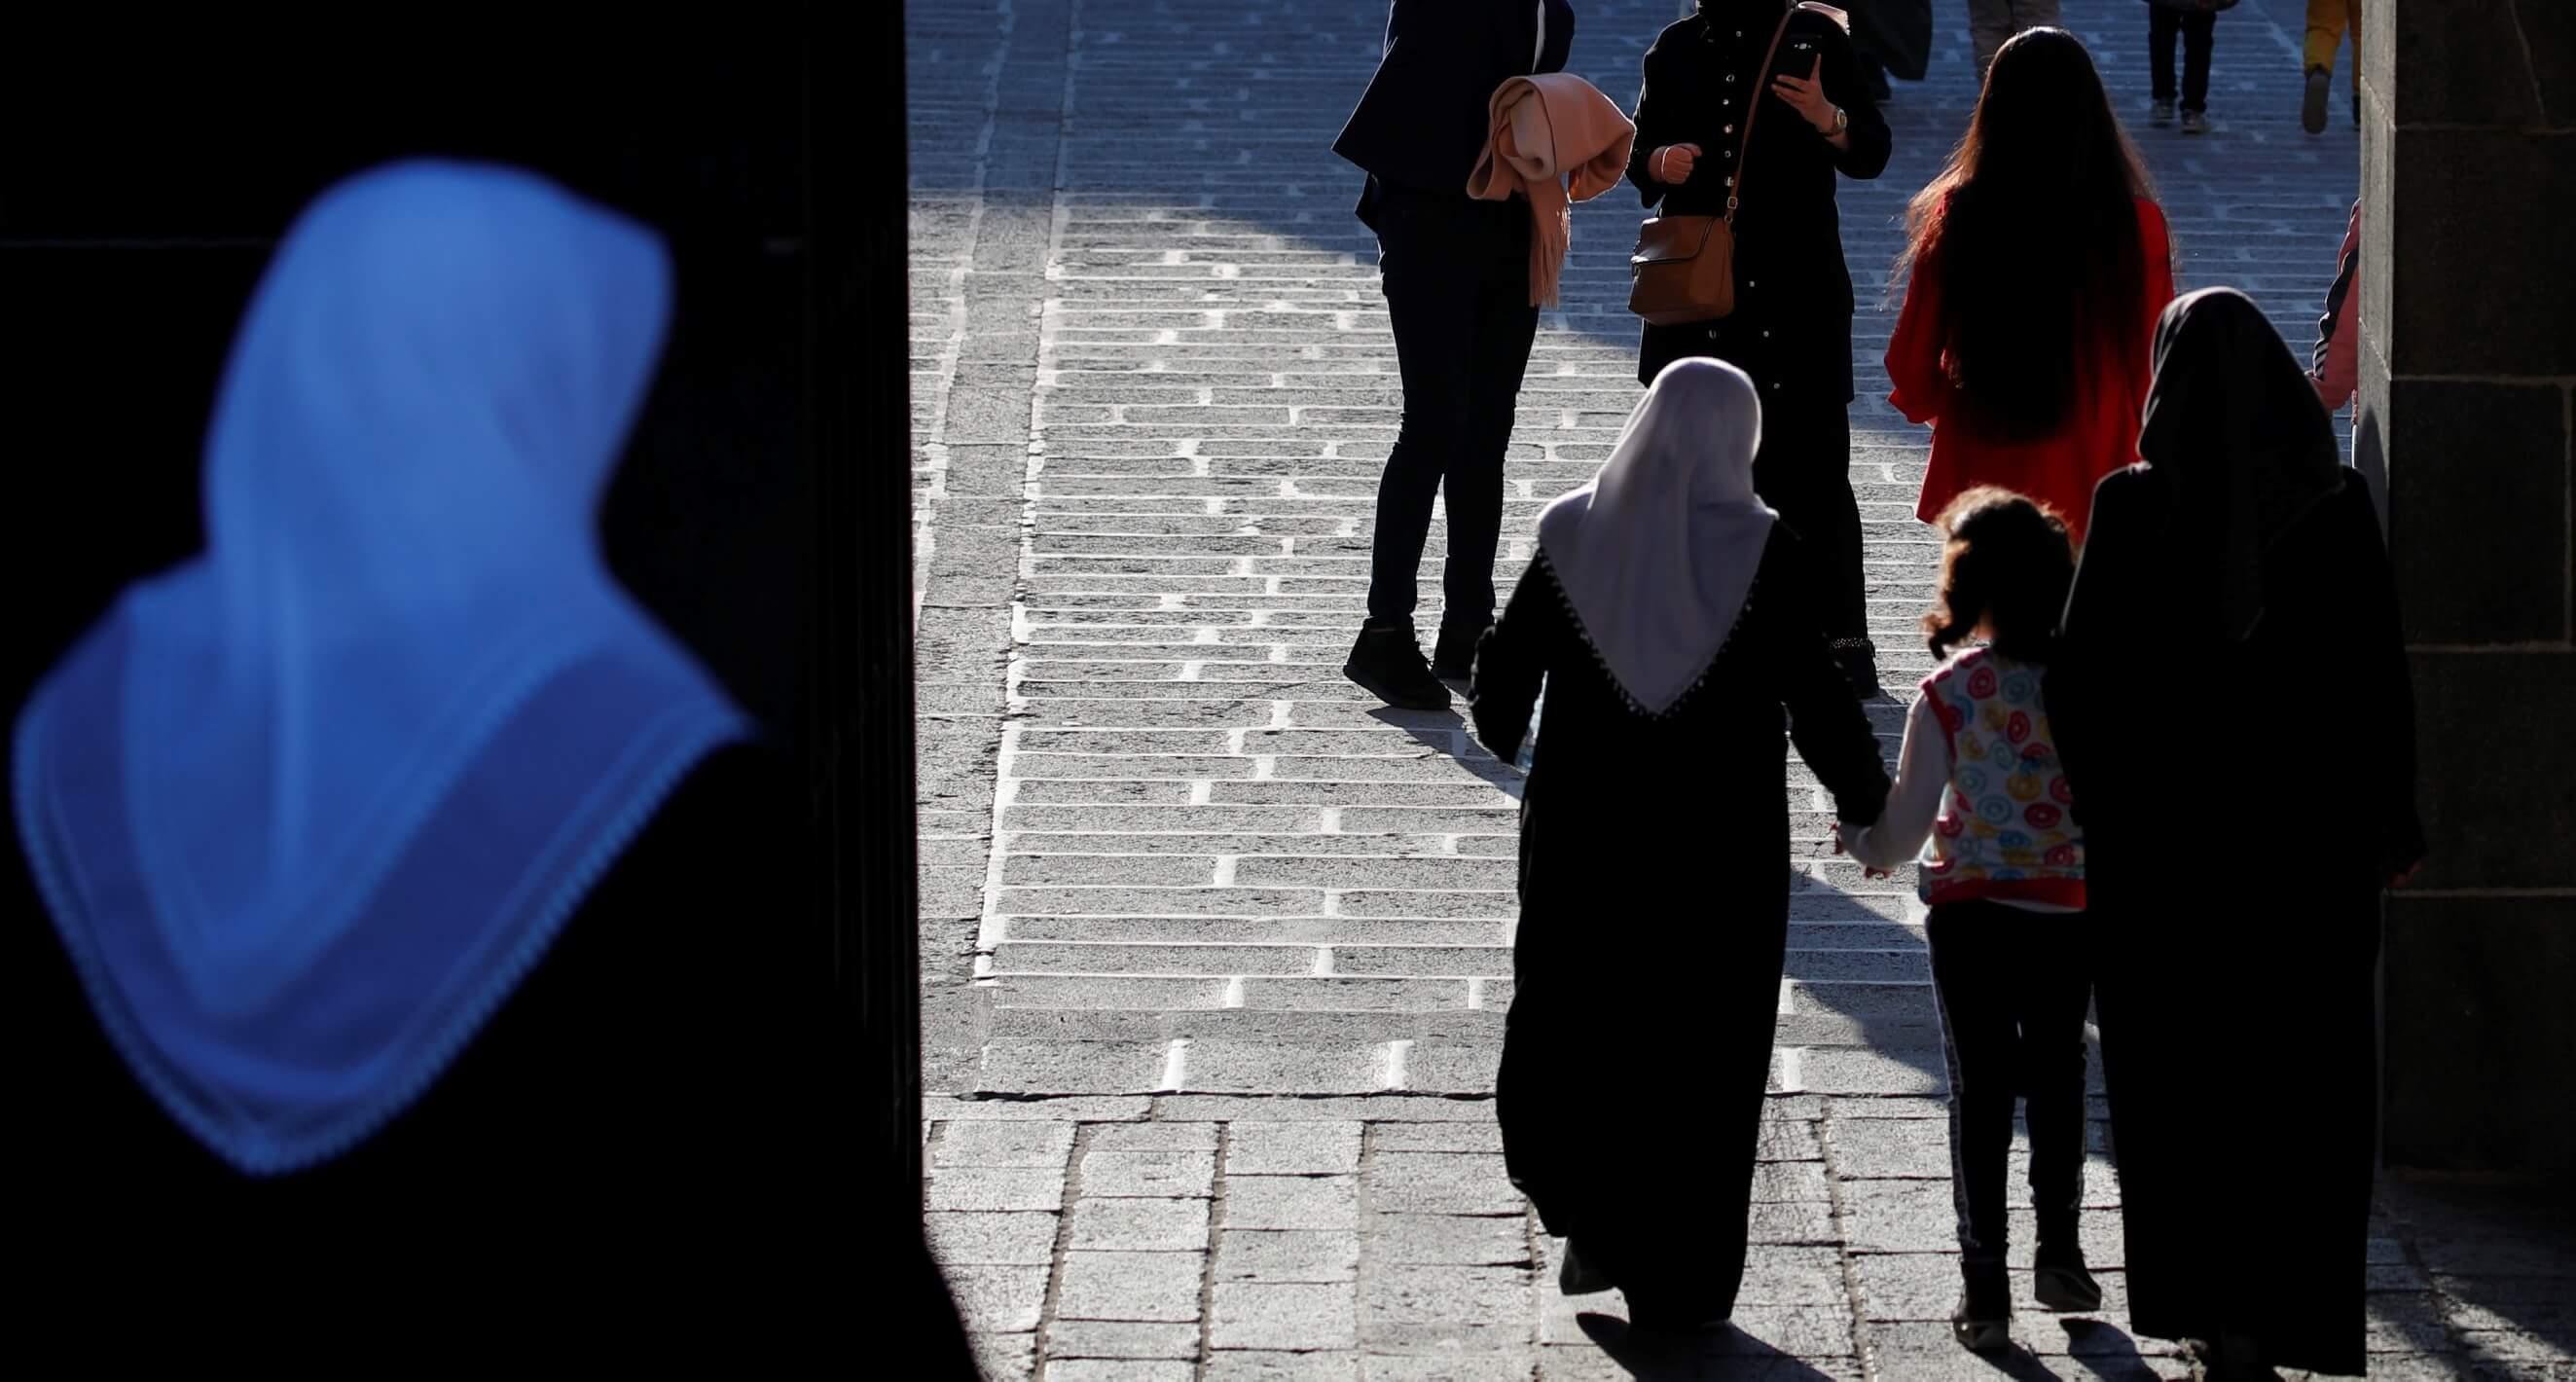 «Γόρδιος δεσμός» για τη γαλλική δικαιοσύνη – Η υπόθεση με τις δύο μητέρες που διχάζει